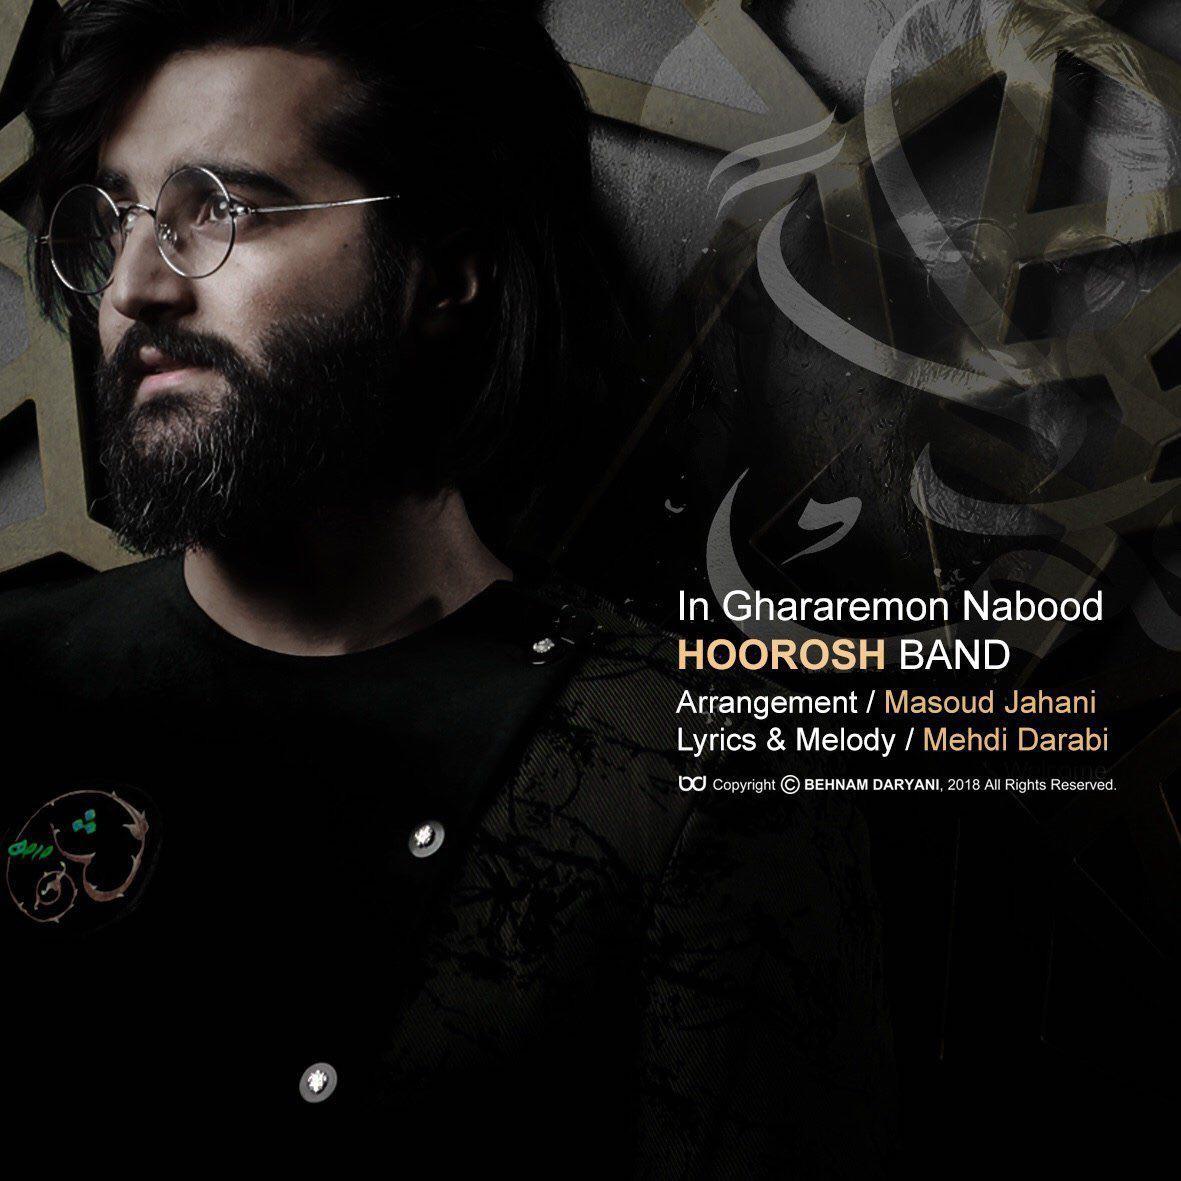 نامبر وان موزیک | دانلود آهنگ جدید Hoorosh-Band-In-Ghararemon-Nabod-2